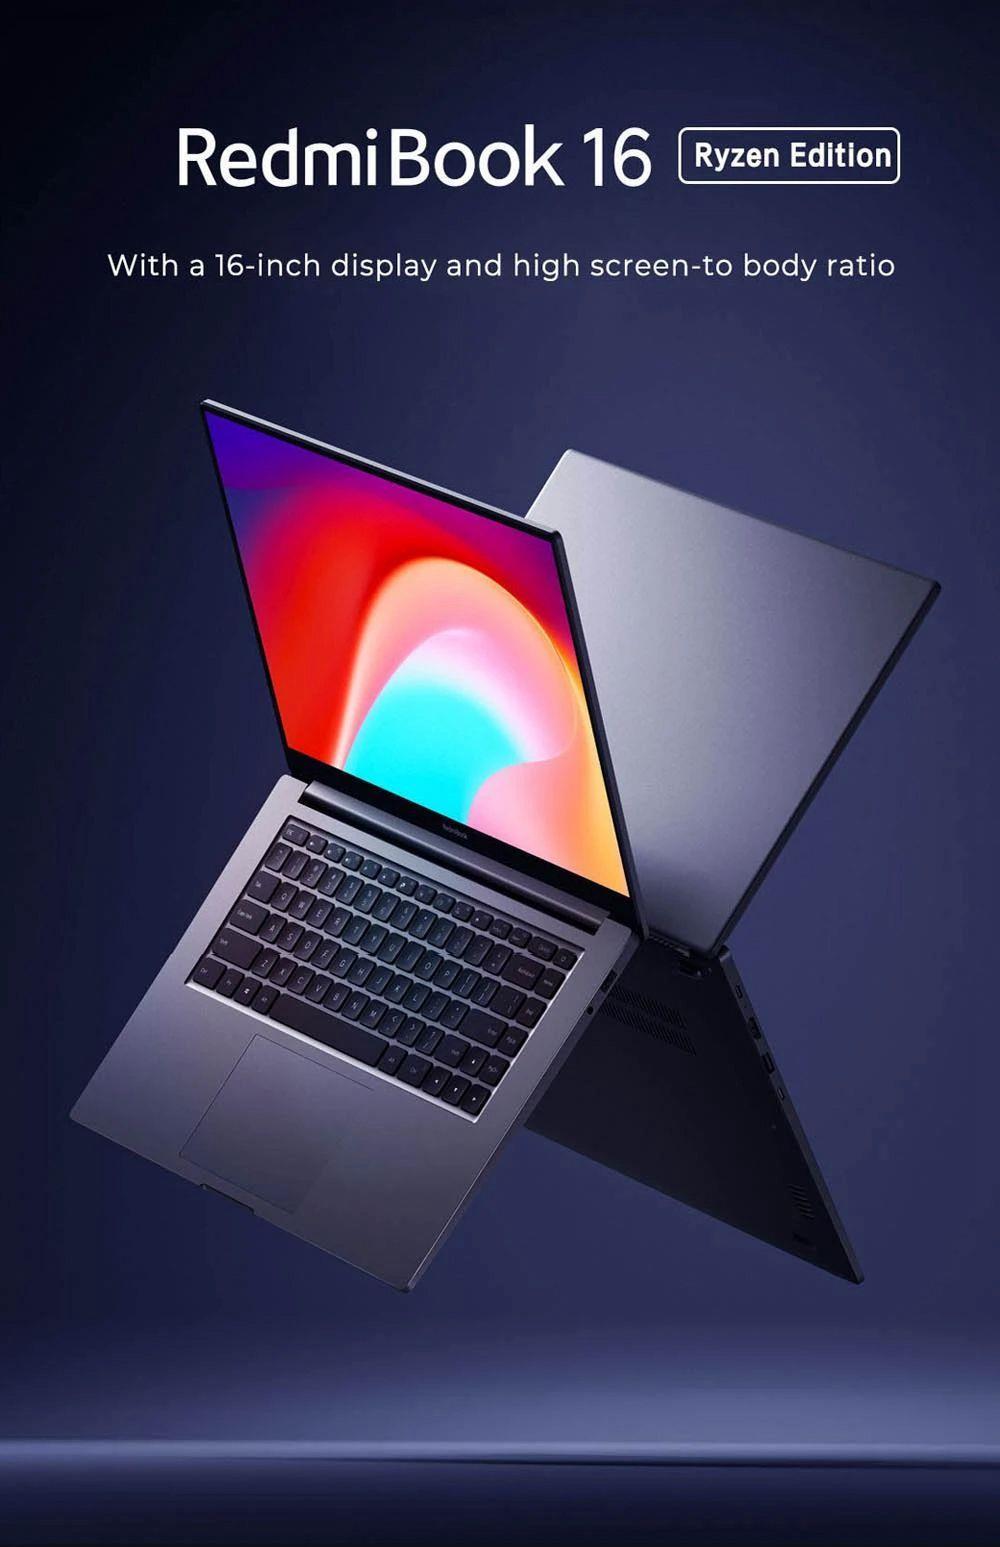 Xiaomi Redmibook 16 Ryzen Edition Laptop AMD Ryzen 7 4700U 16.1 Inch 1920 x 1080 FHD Screen Windows 10 16GB DDR4 512GB SSD Full Size Keyboard CN Version - Gray